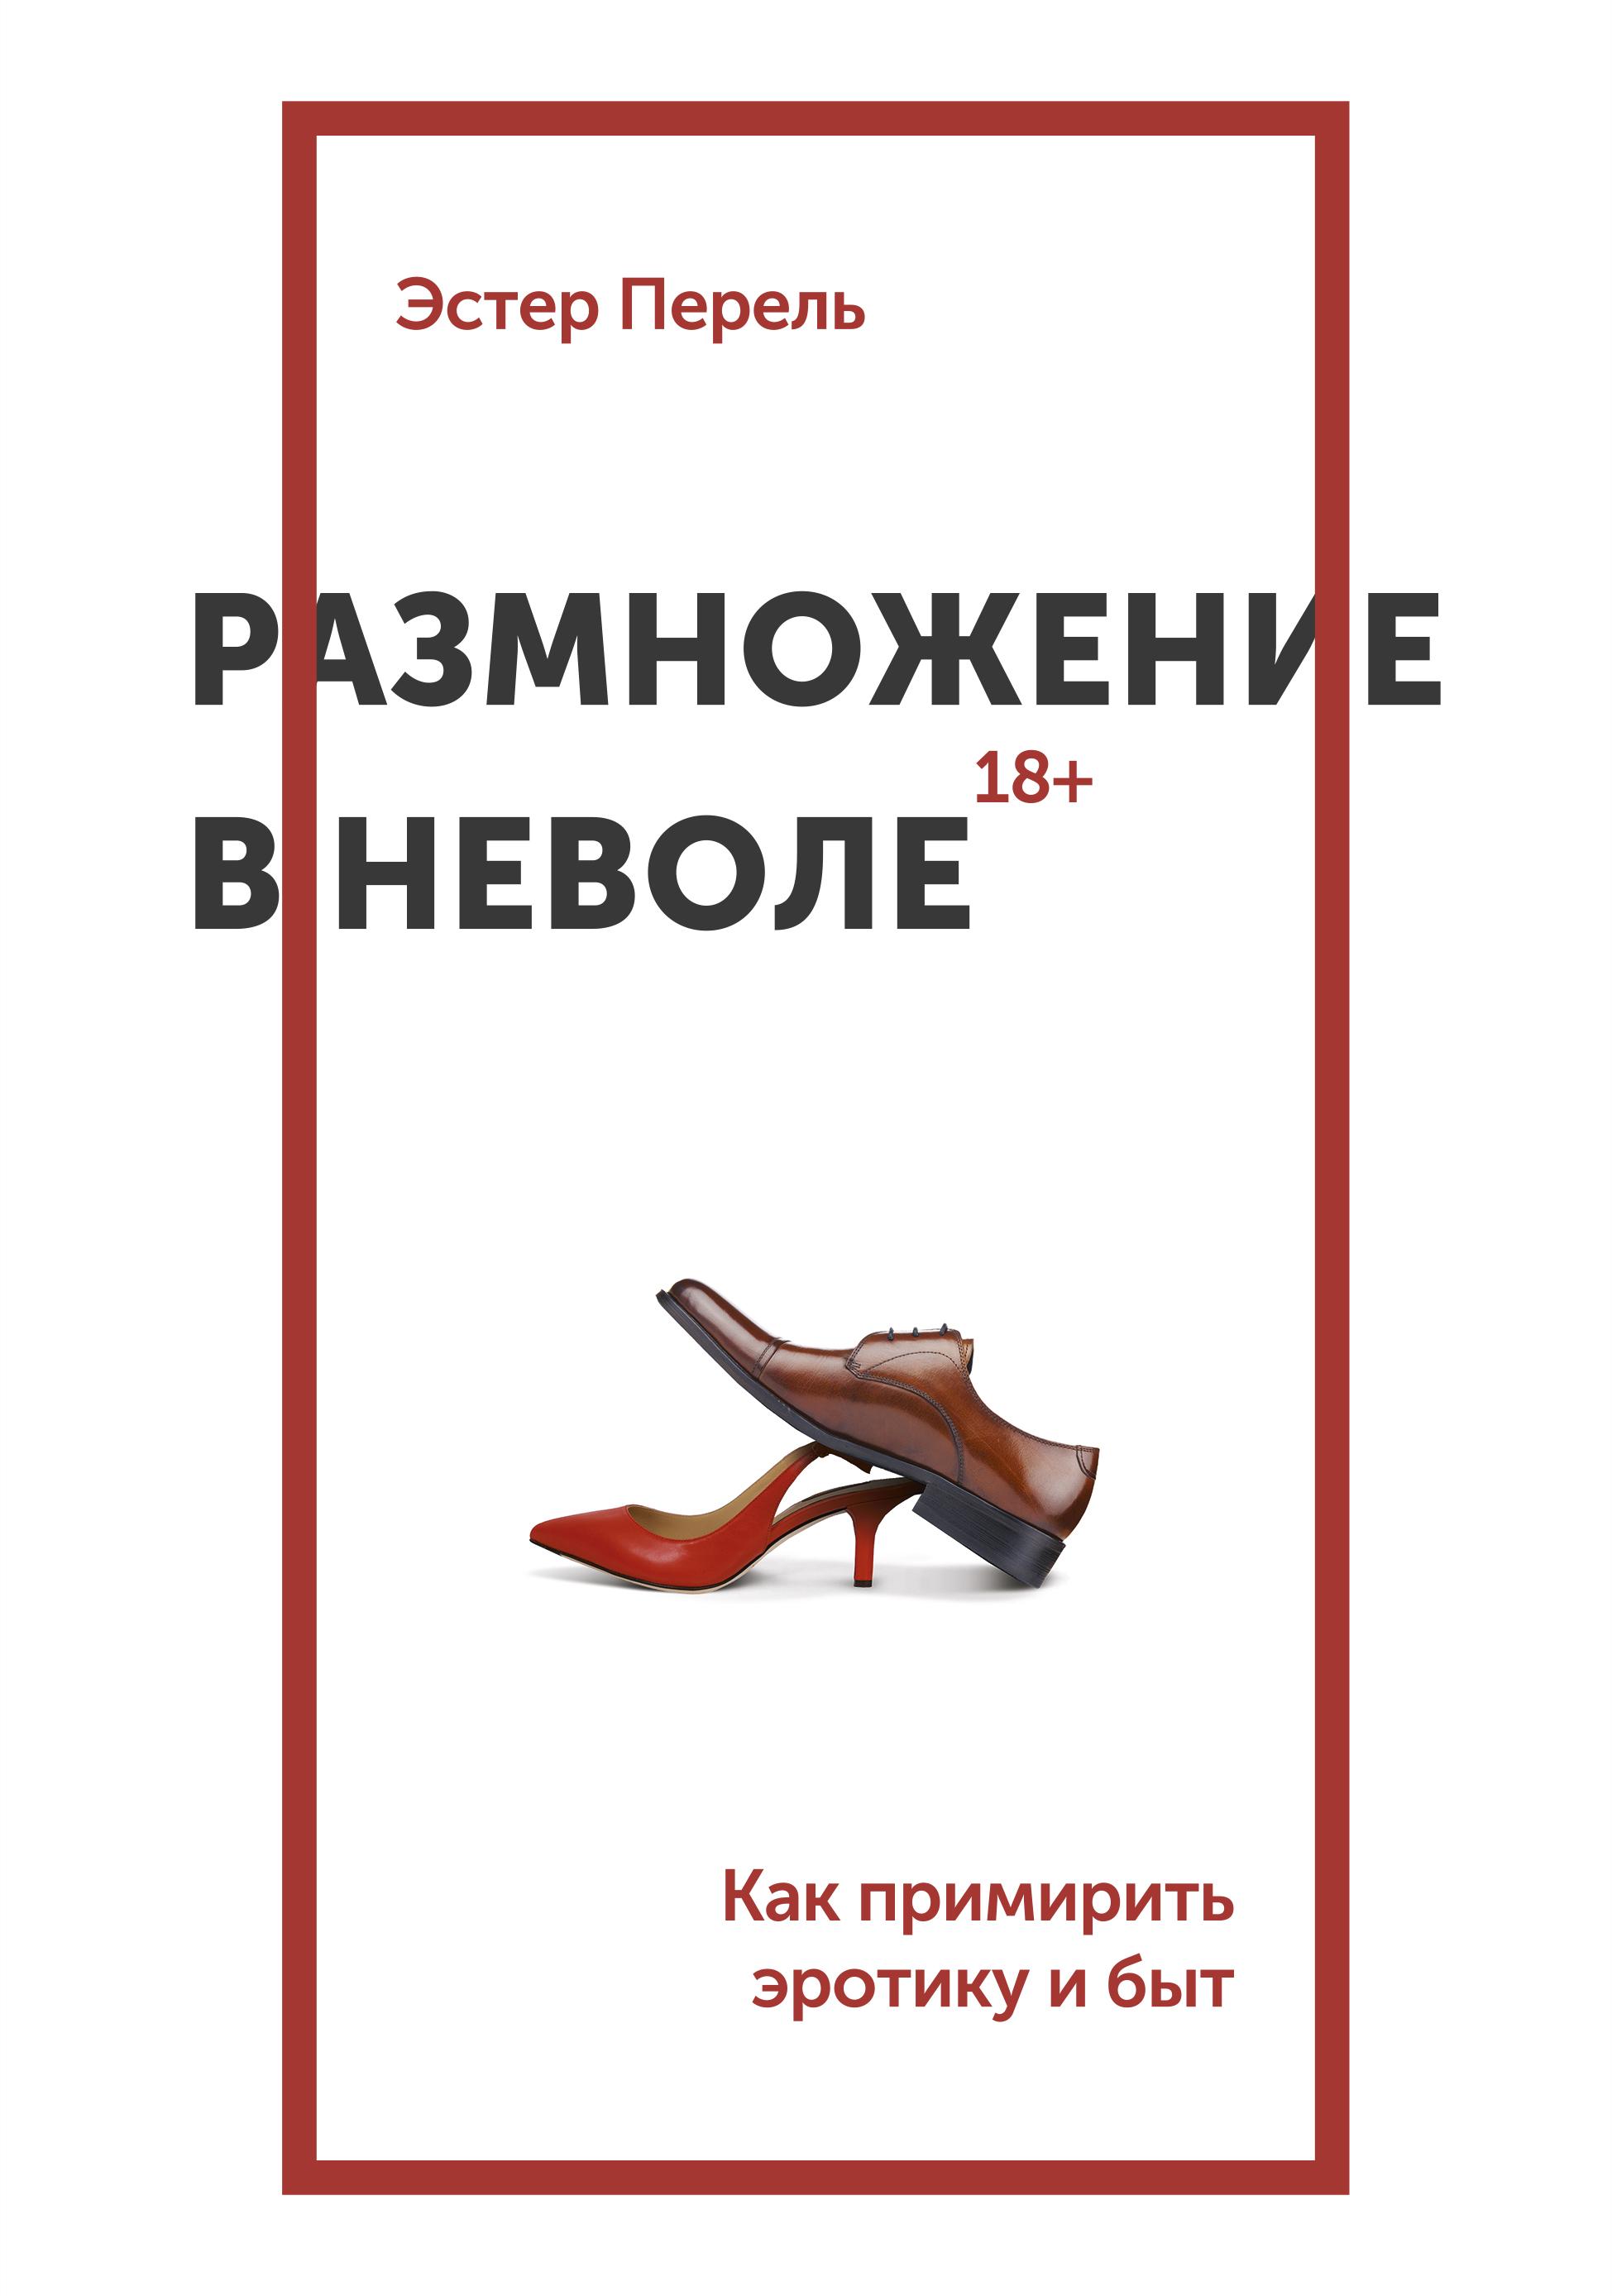 Эротика литература txt 23 фотография